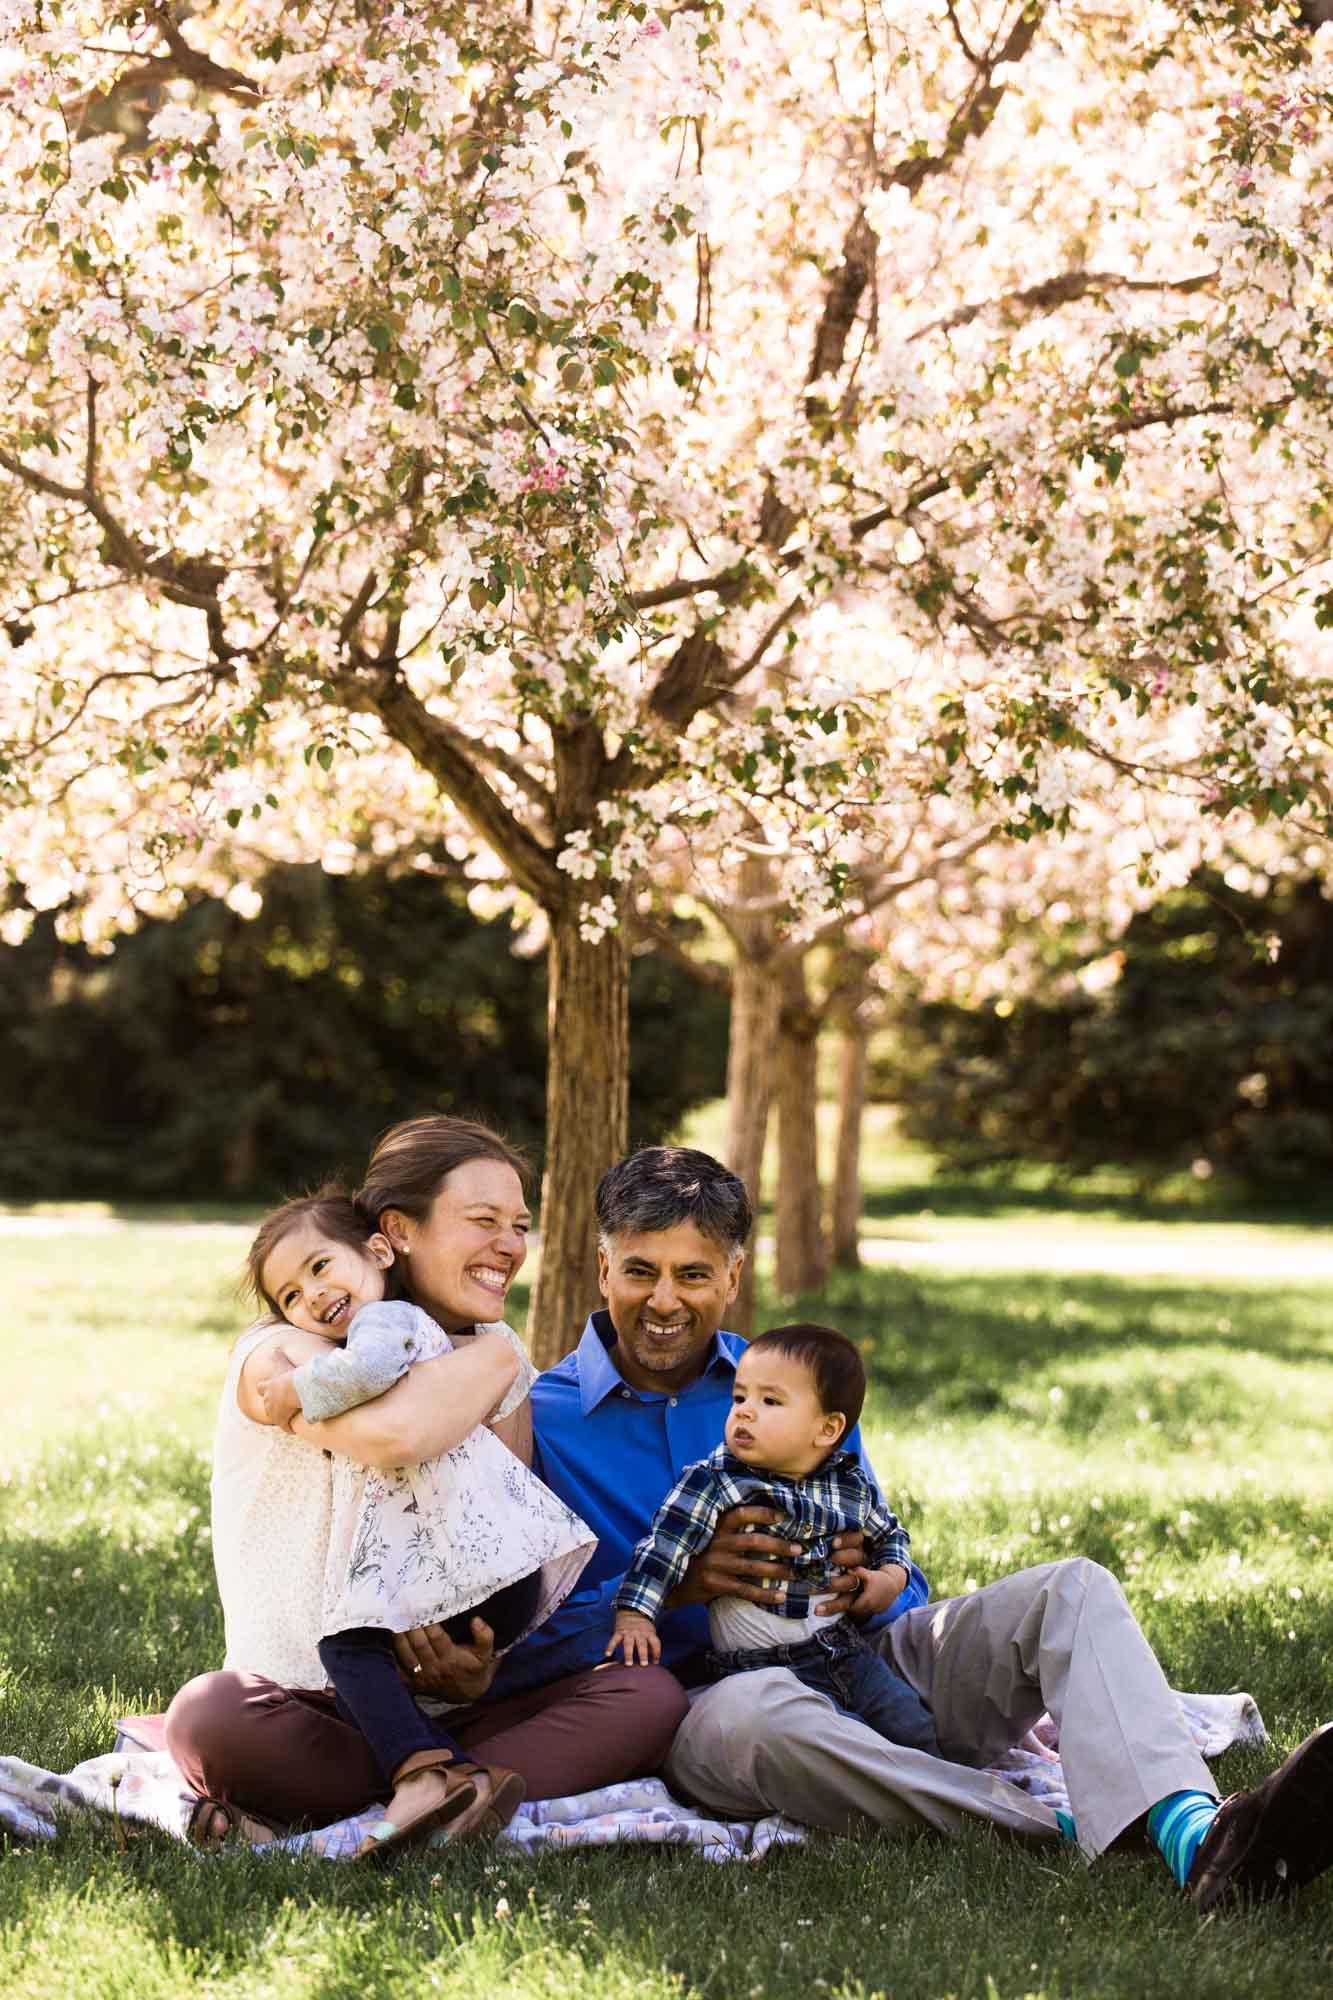 Calgary family maternity and newborn photographer, family photo at Baker Park